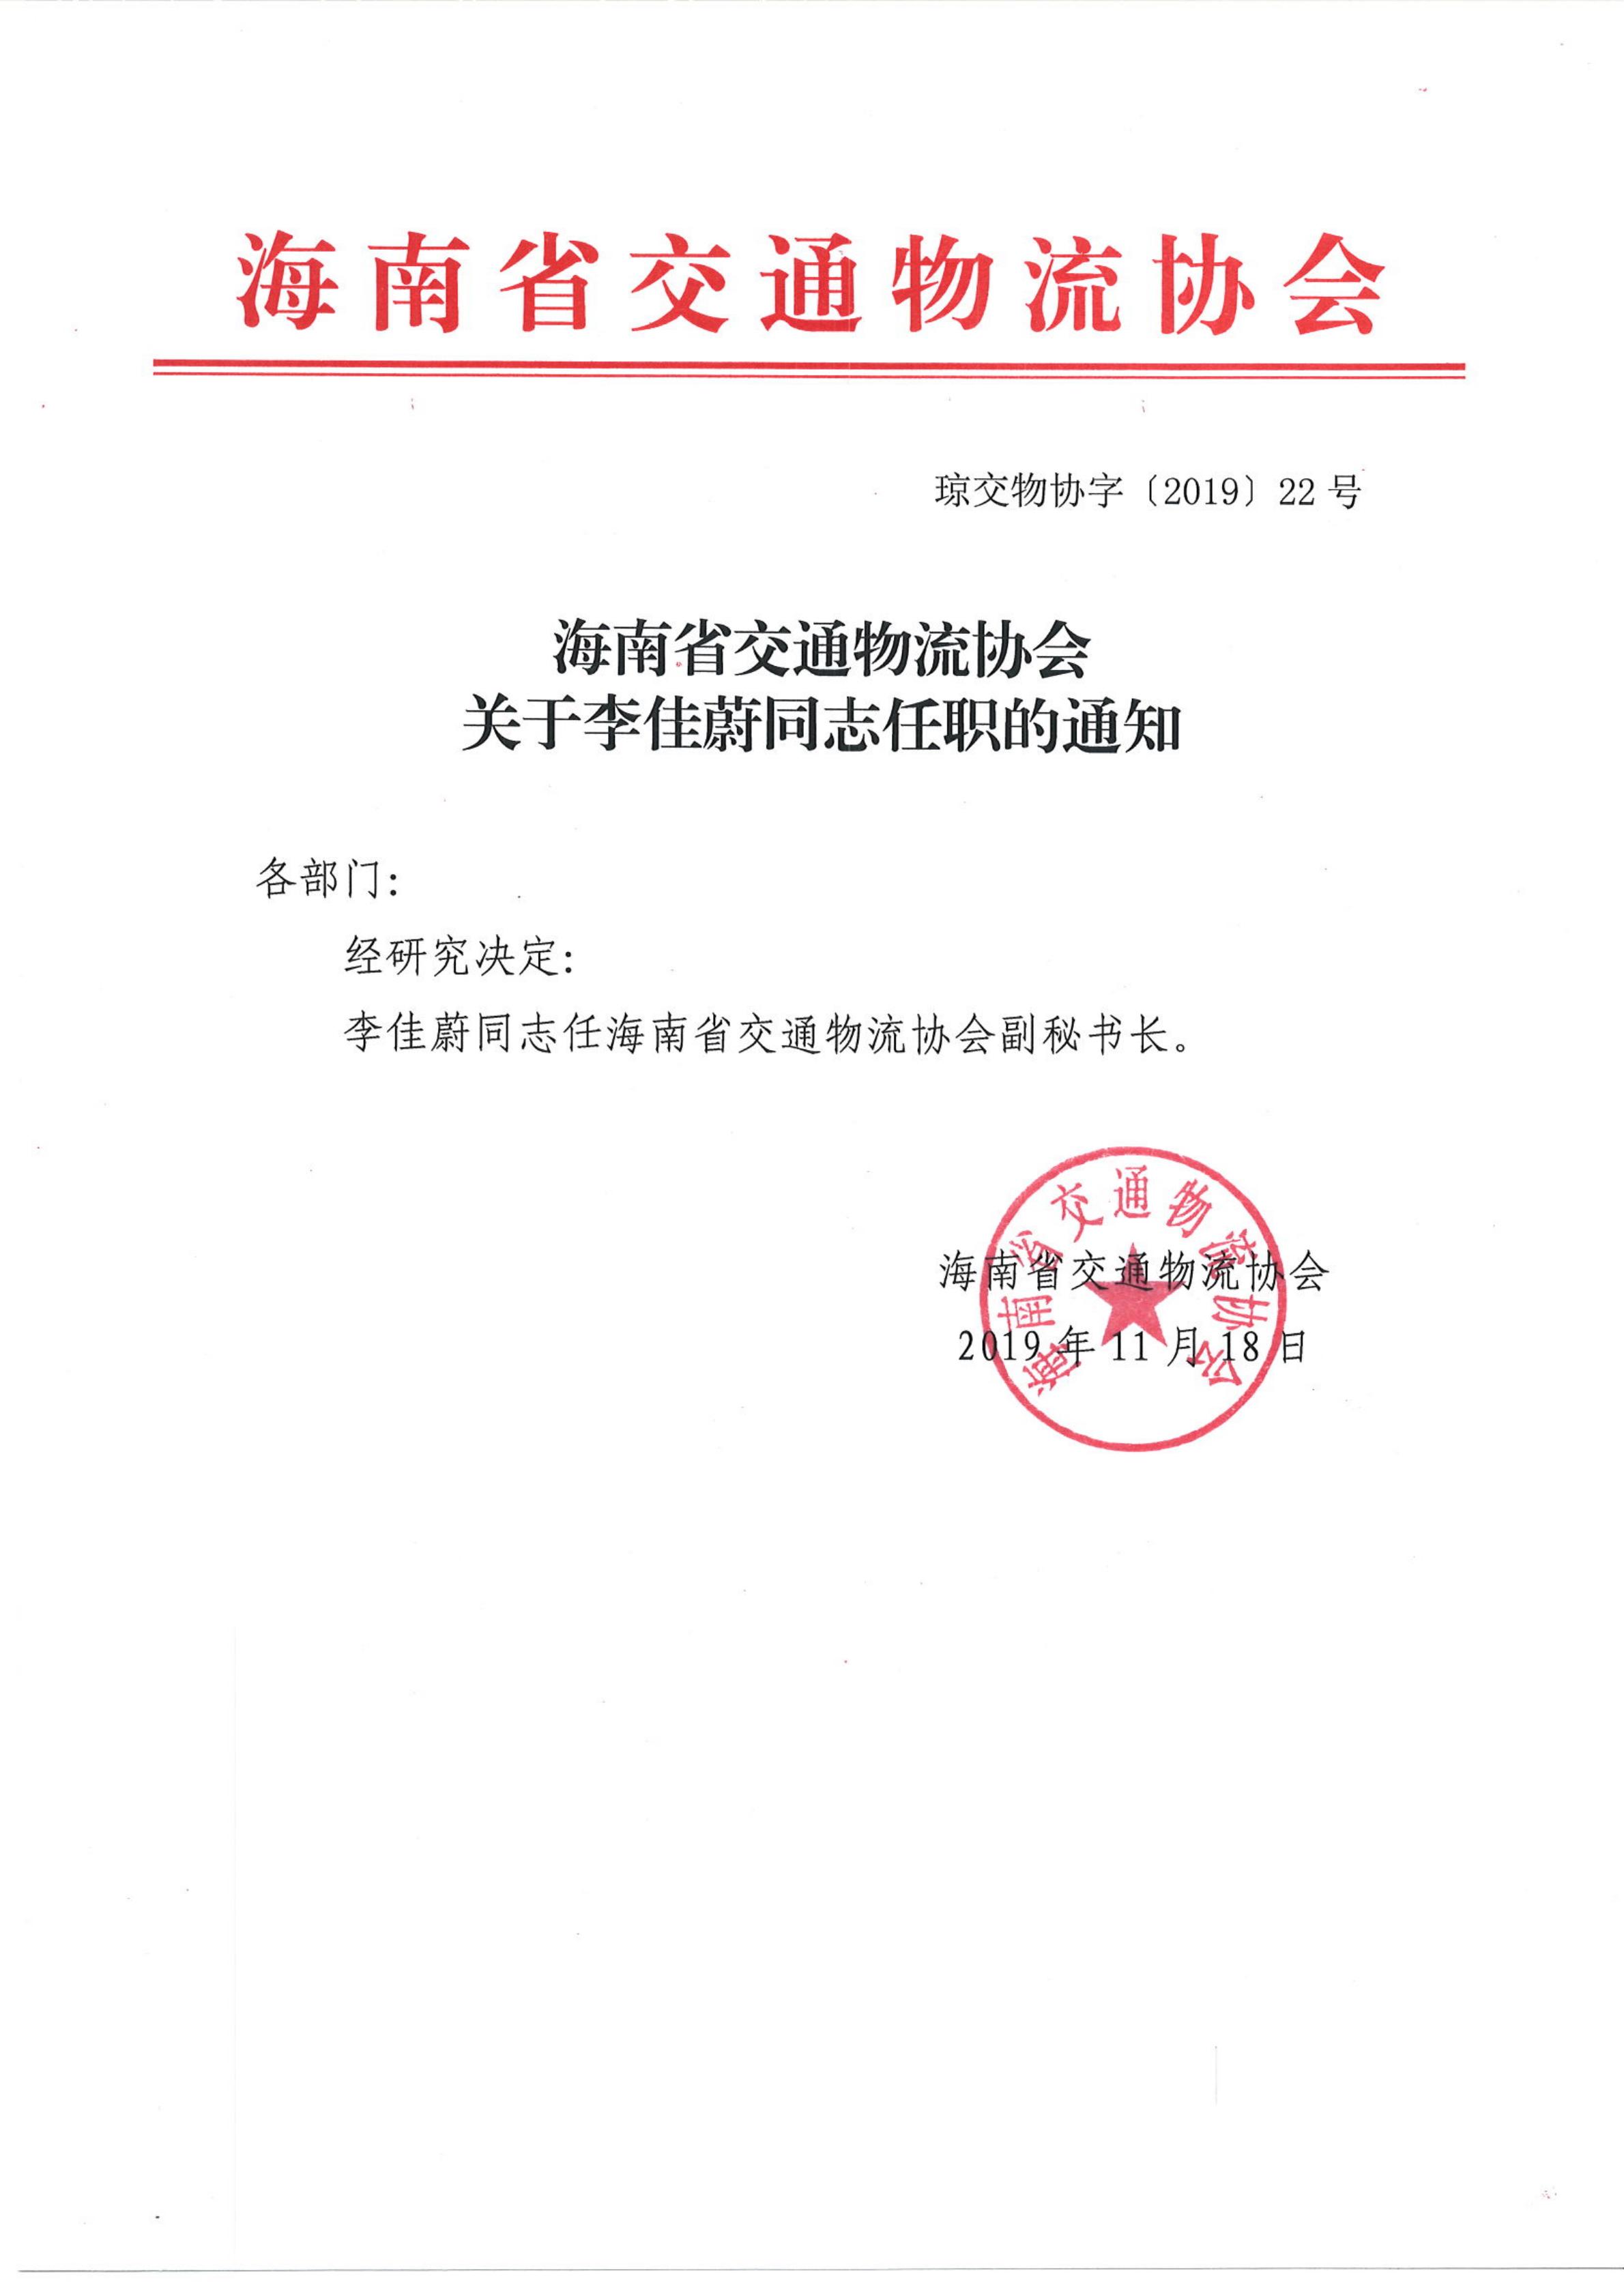 海南省交通物流协会关于李佳蔚同志任职的通知_00.png